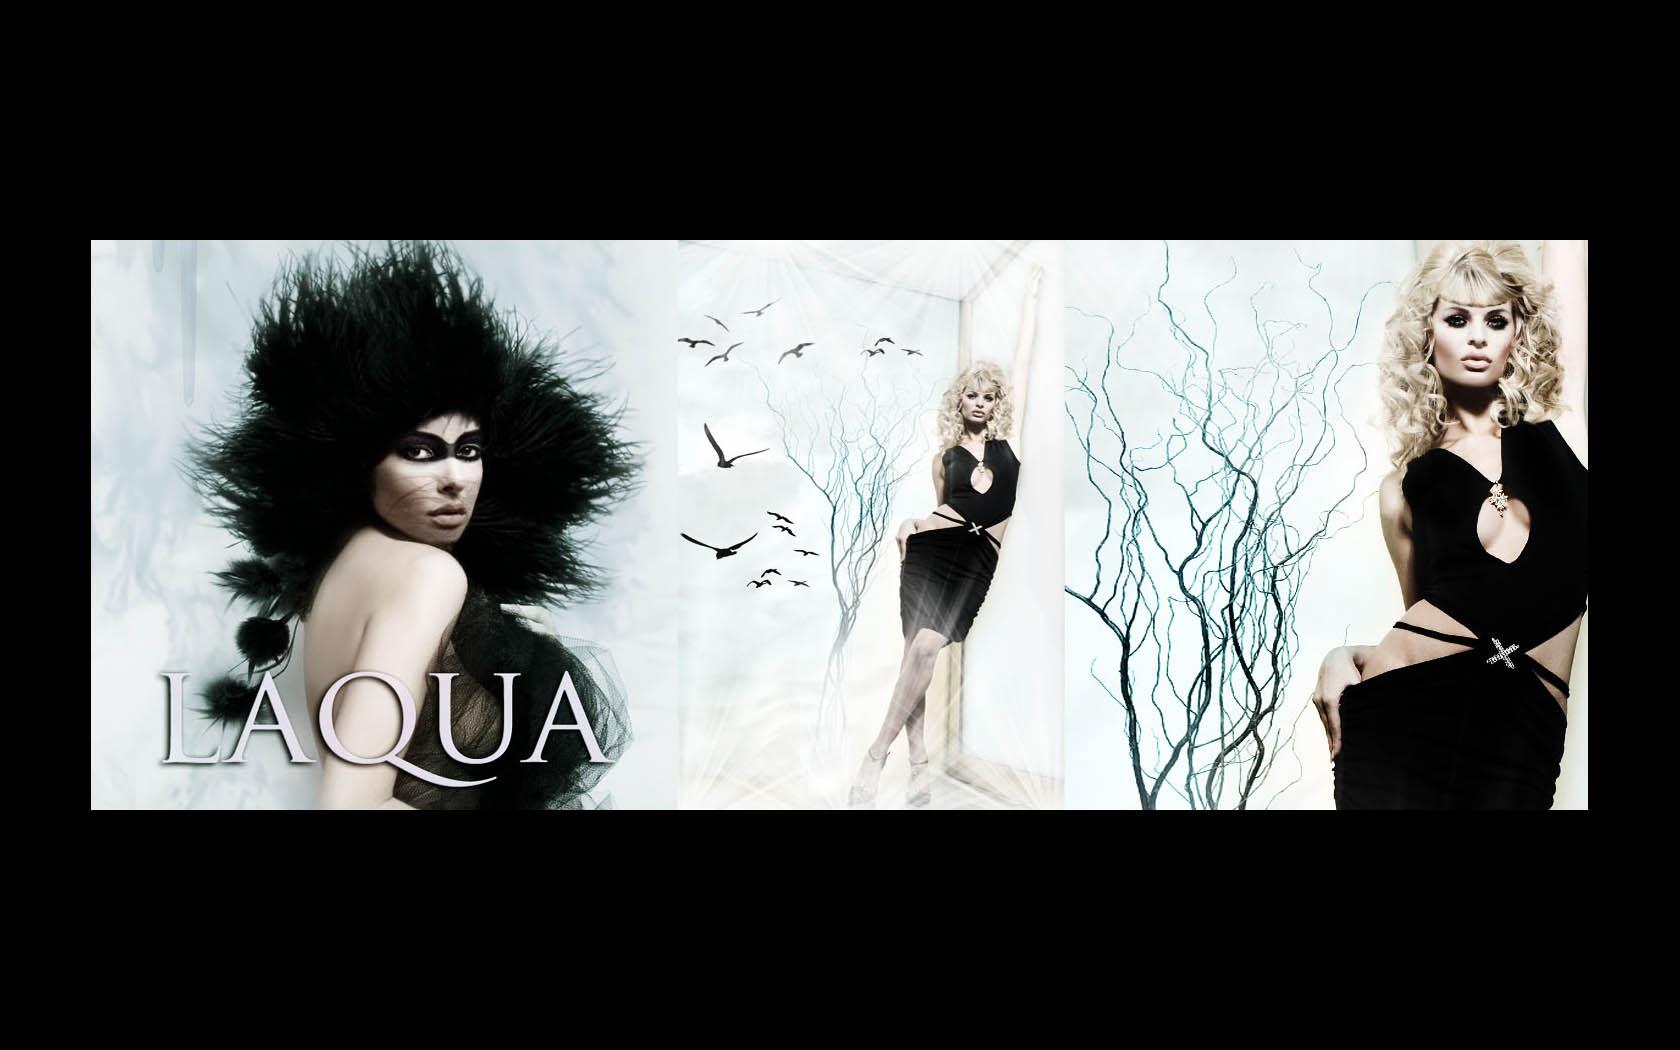 La Qua Fashion